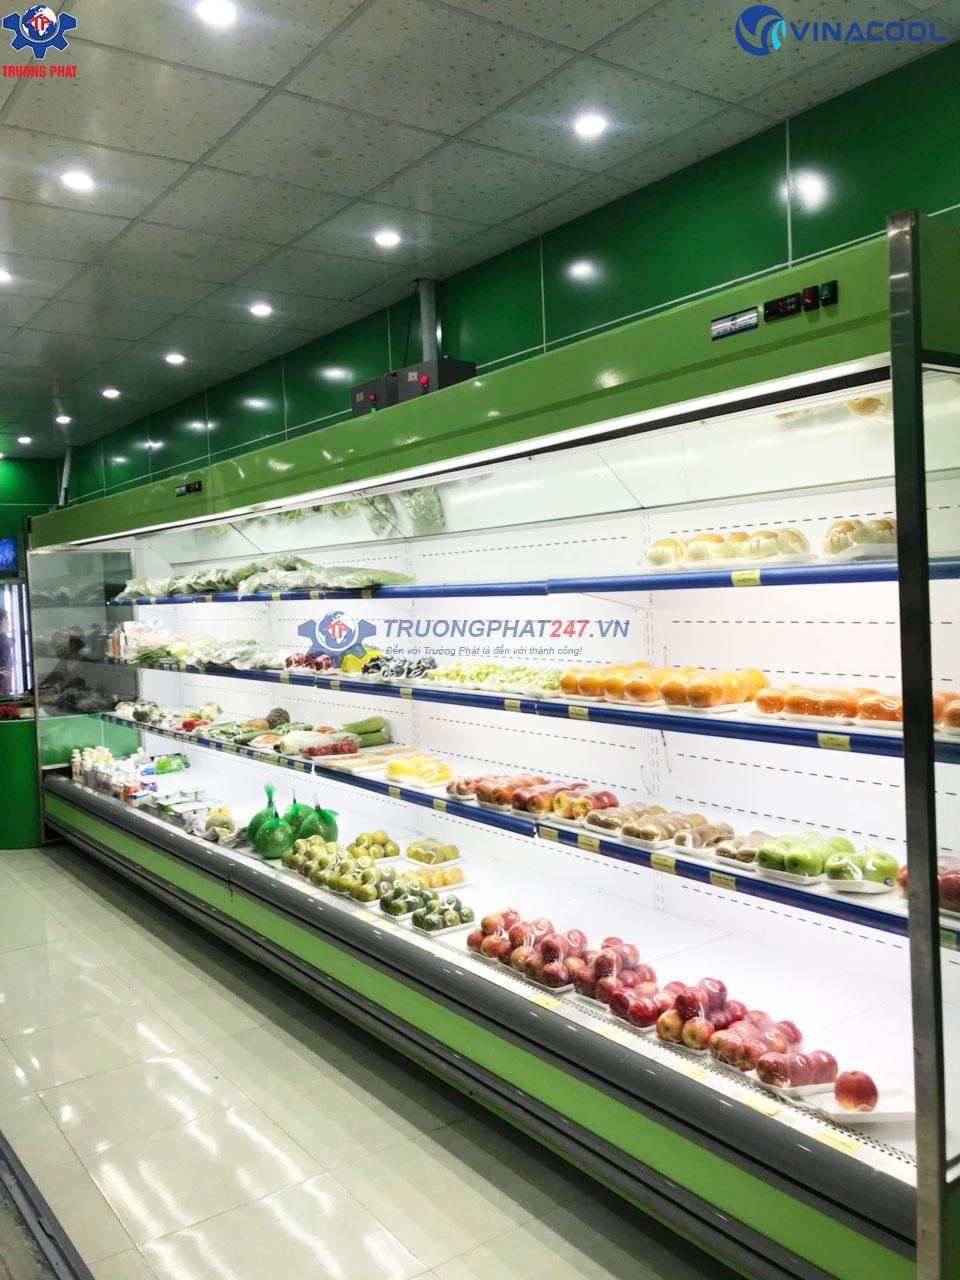 Khám phá các thiết bị trong cửa hàng bán tủ mát siêu thị TRƯỜNG PHÁT